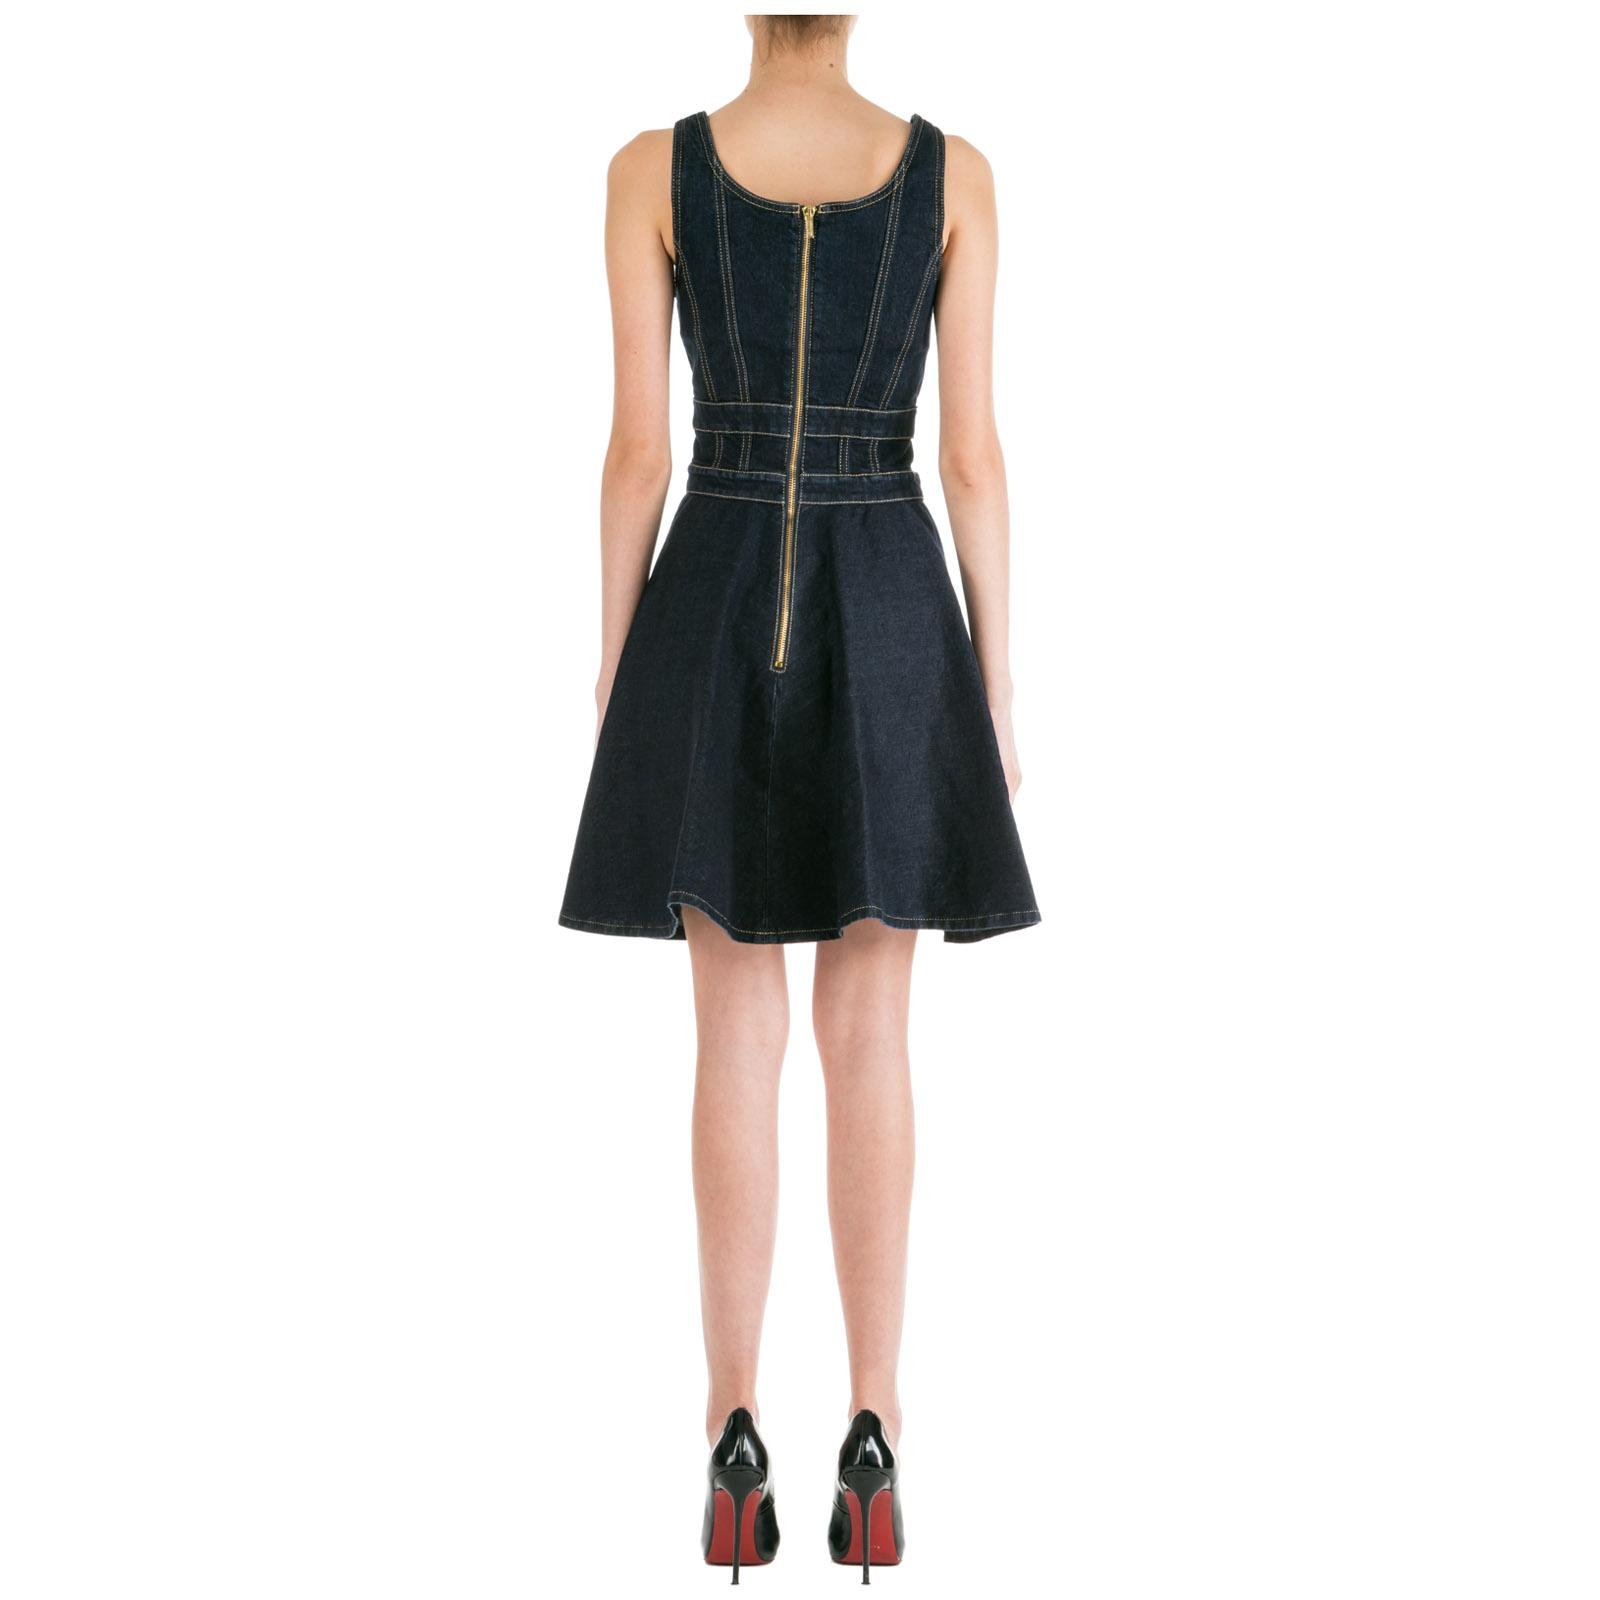 Women's knee length dress sleeveless